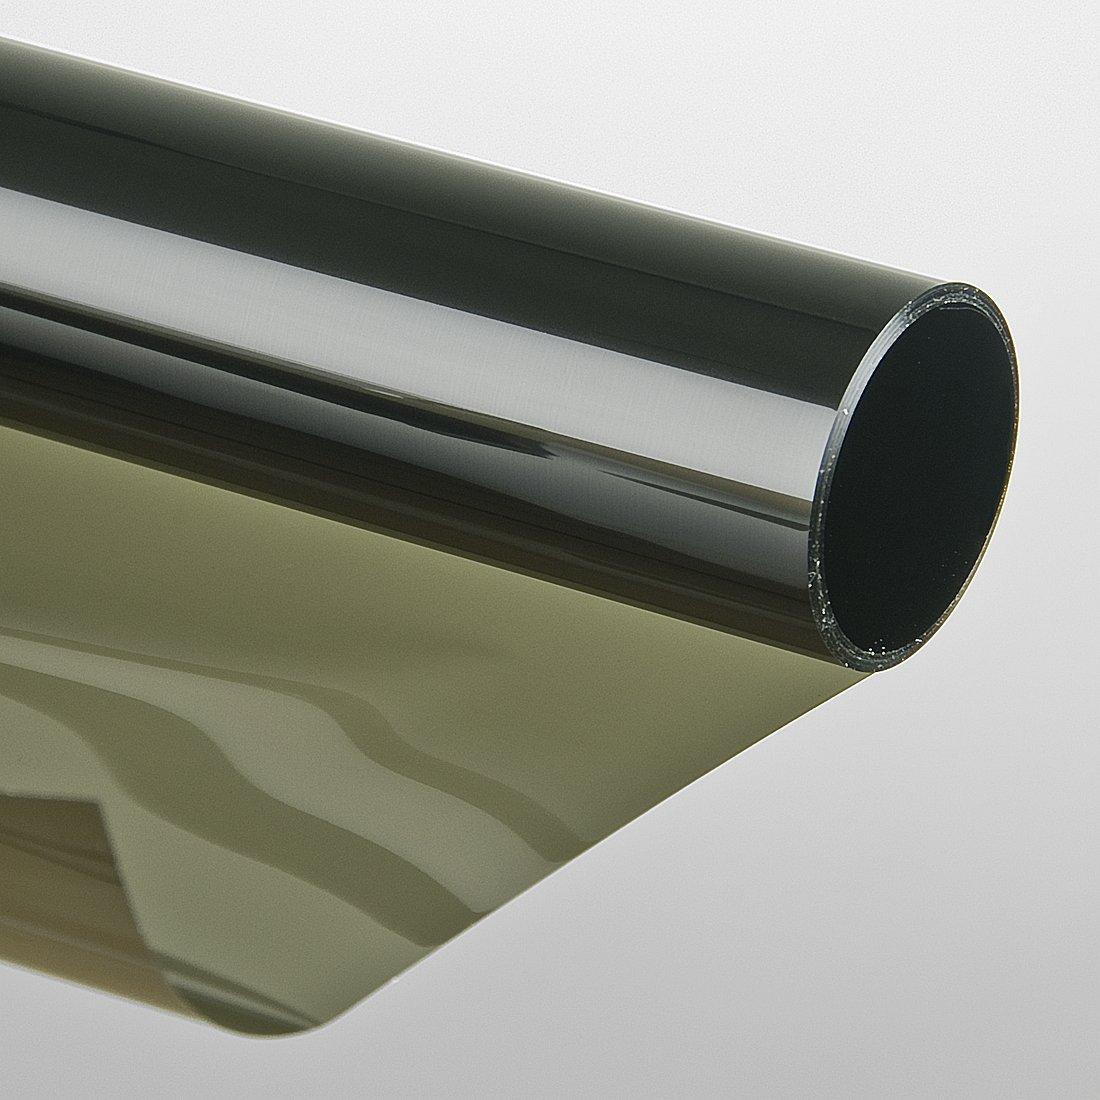 Sonnenschutzfolie Selbstklebend Fensterfolie Tönungsfolie 75 x